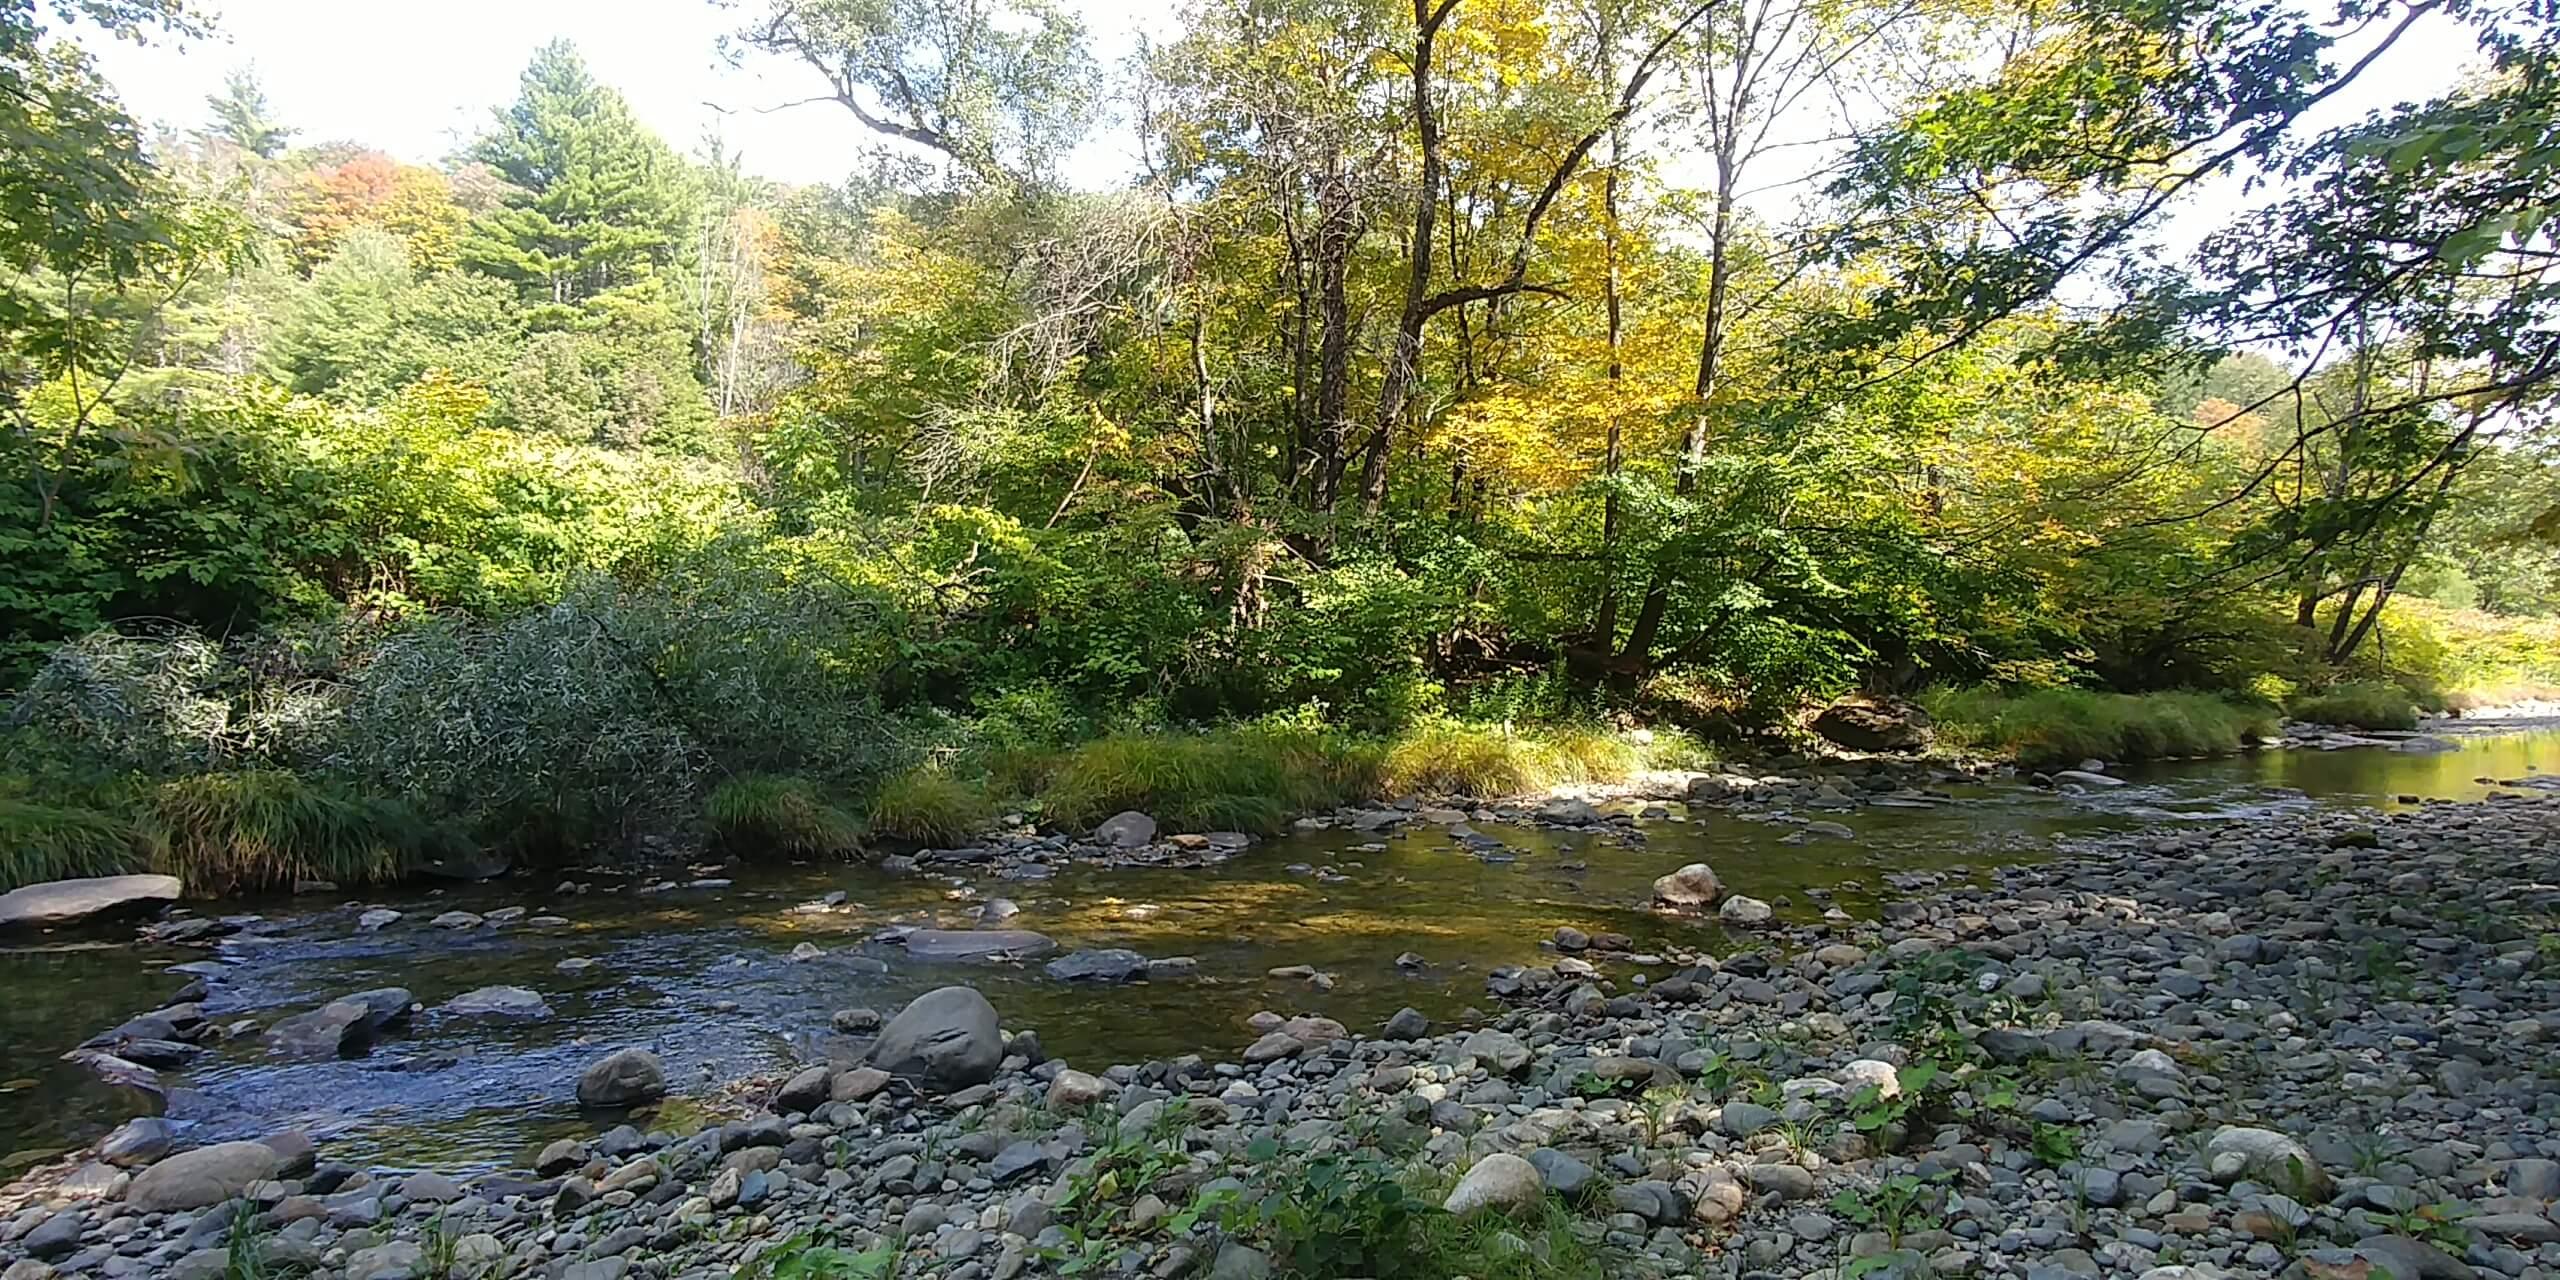 Green River in September, Guilford, VT